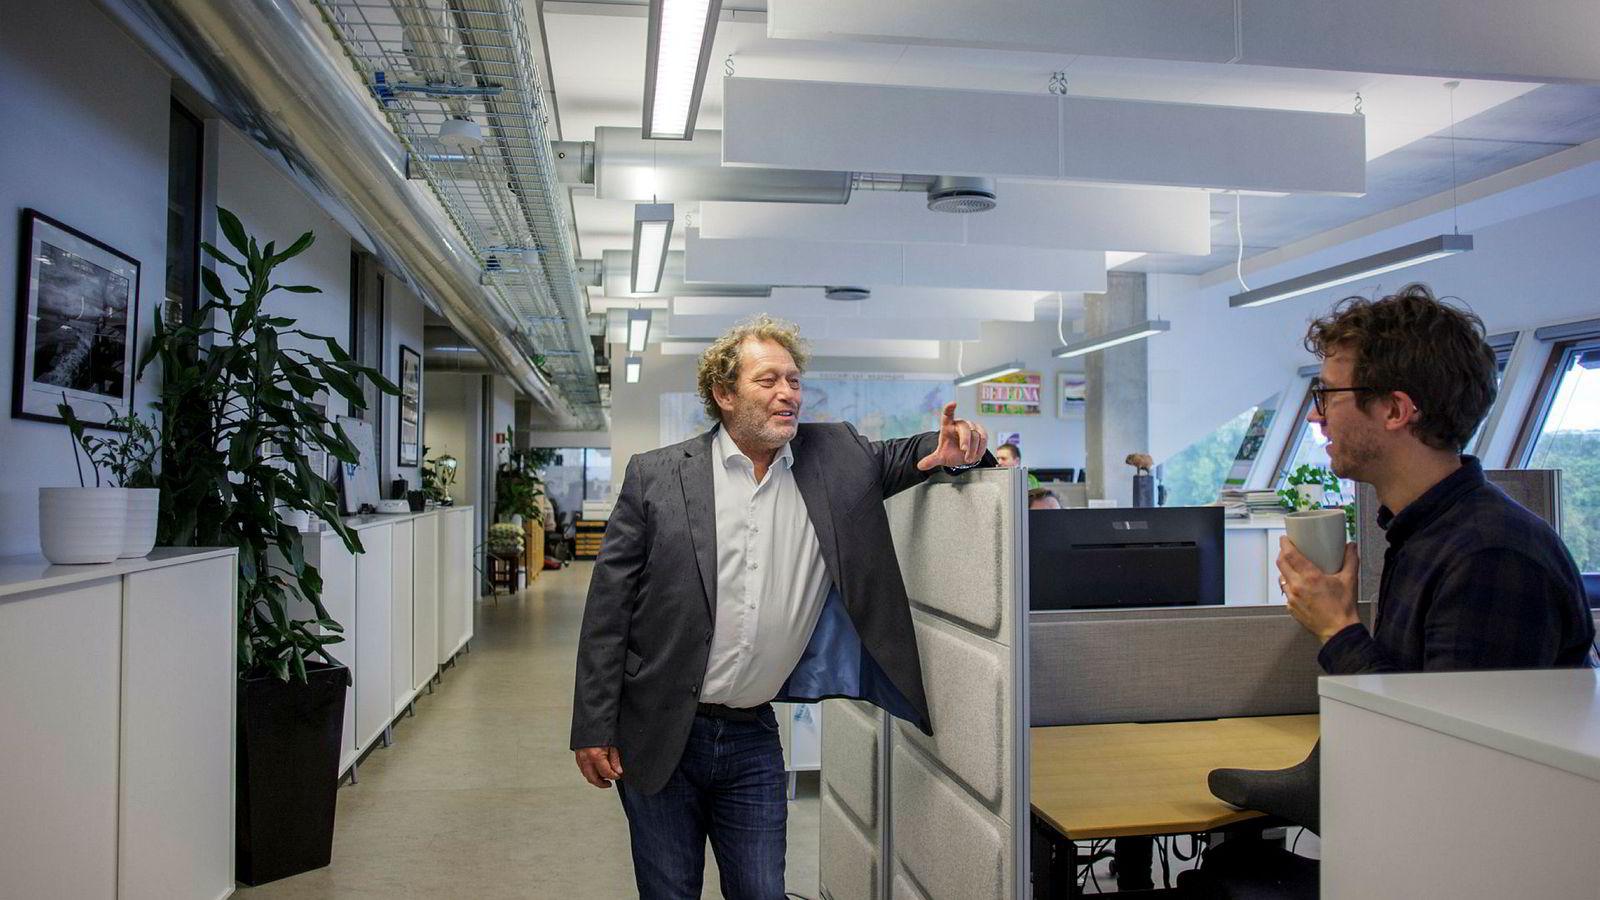 Bellona-leder Frederic Hauge er klar for å gi gass etter en turbulent start på uken. Her med rådgiver Olav Øye.